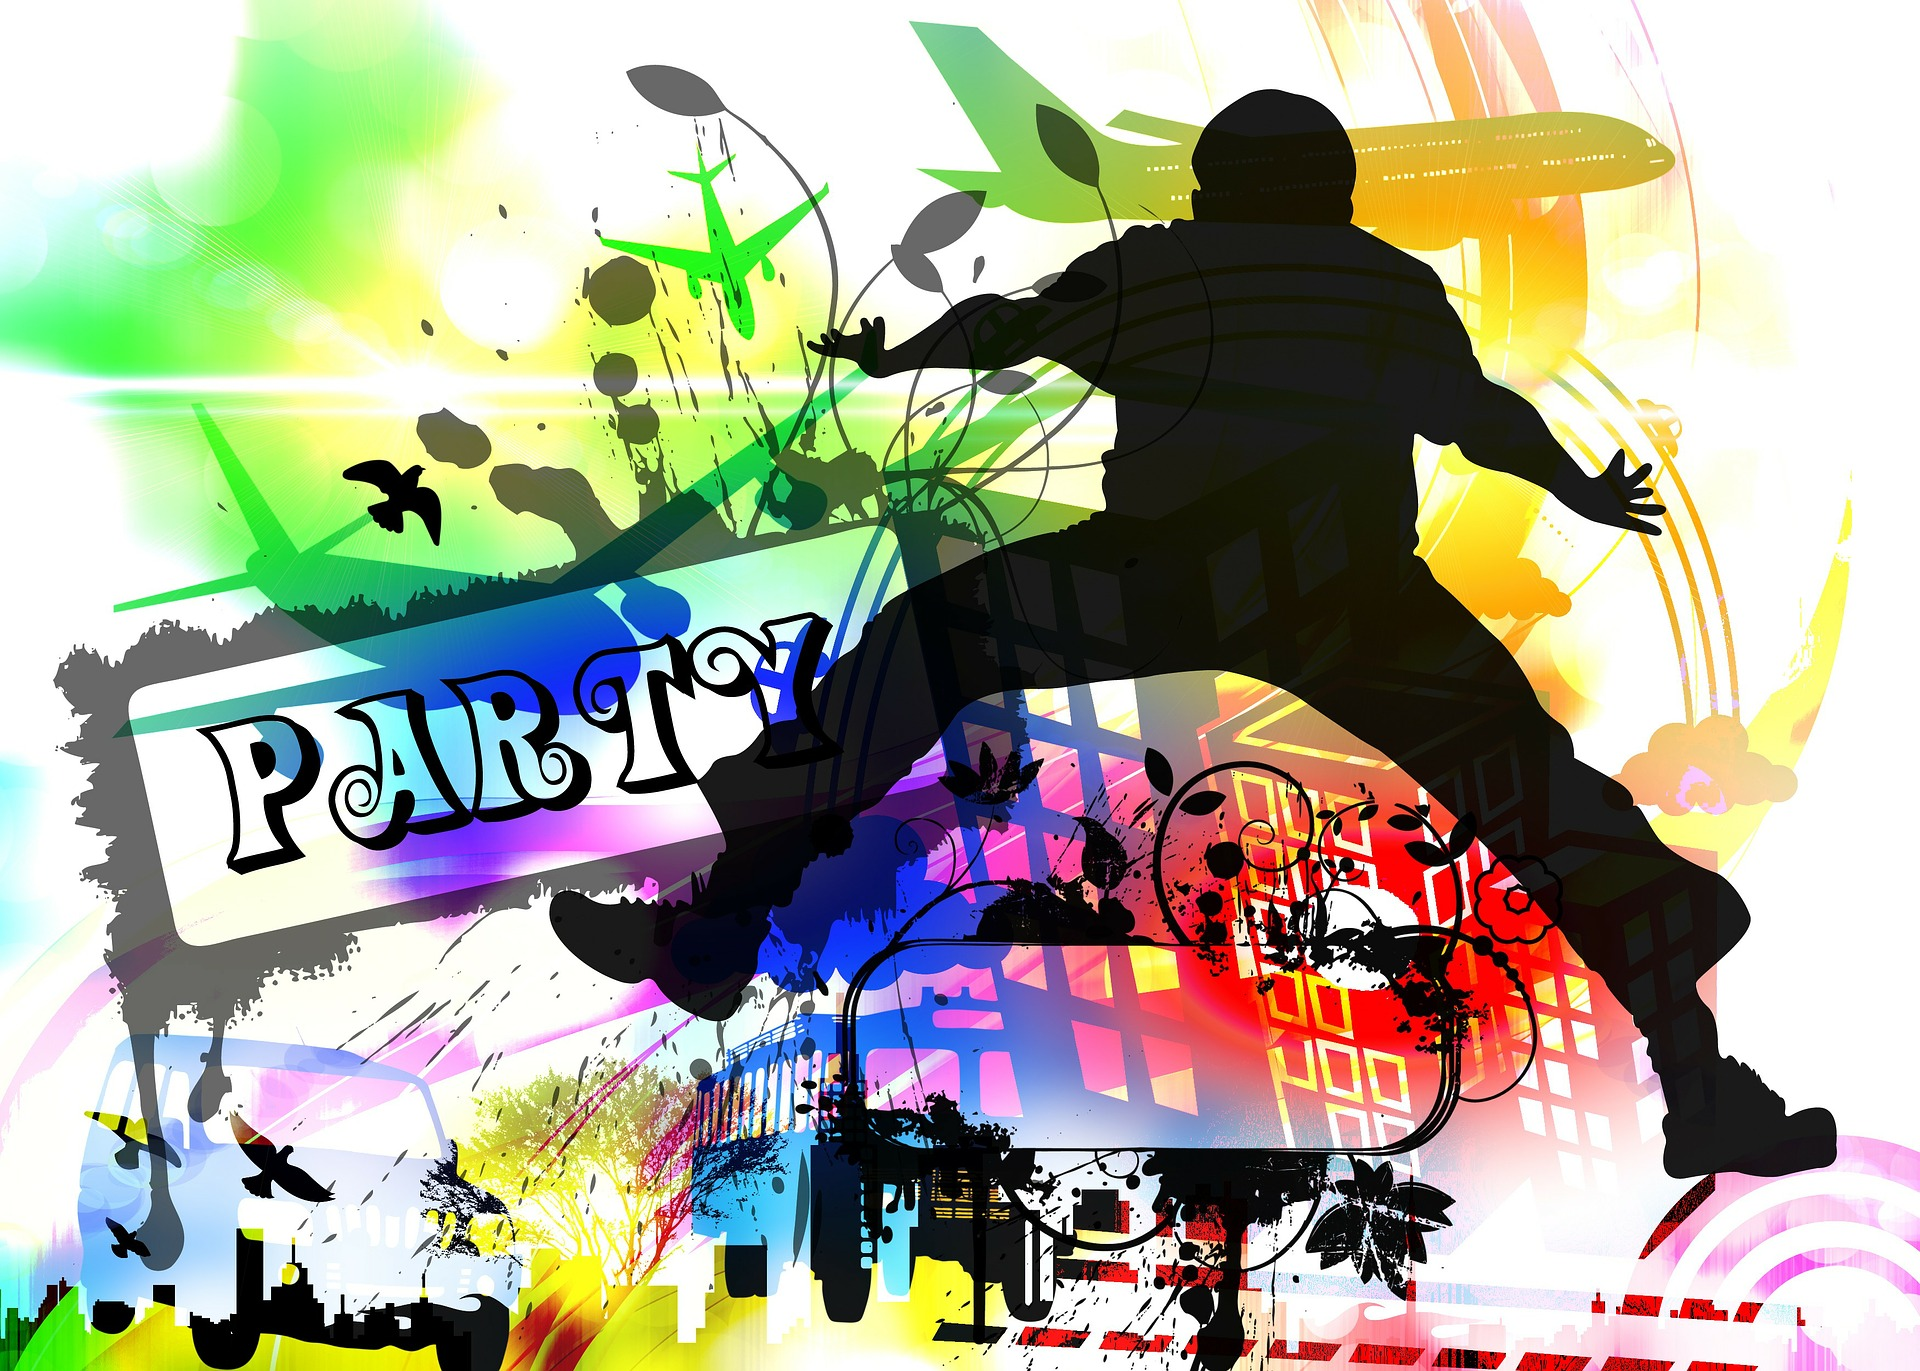 kuvassa hyppäävä hahmo. Värikäs tausta